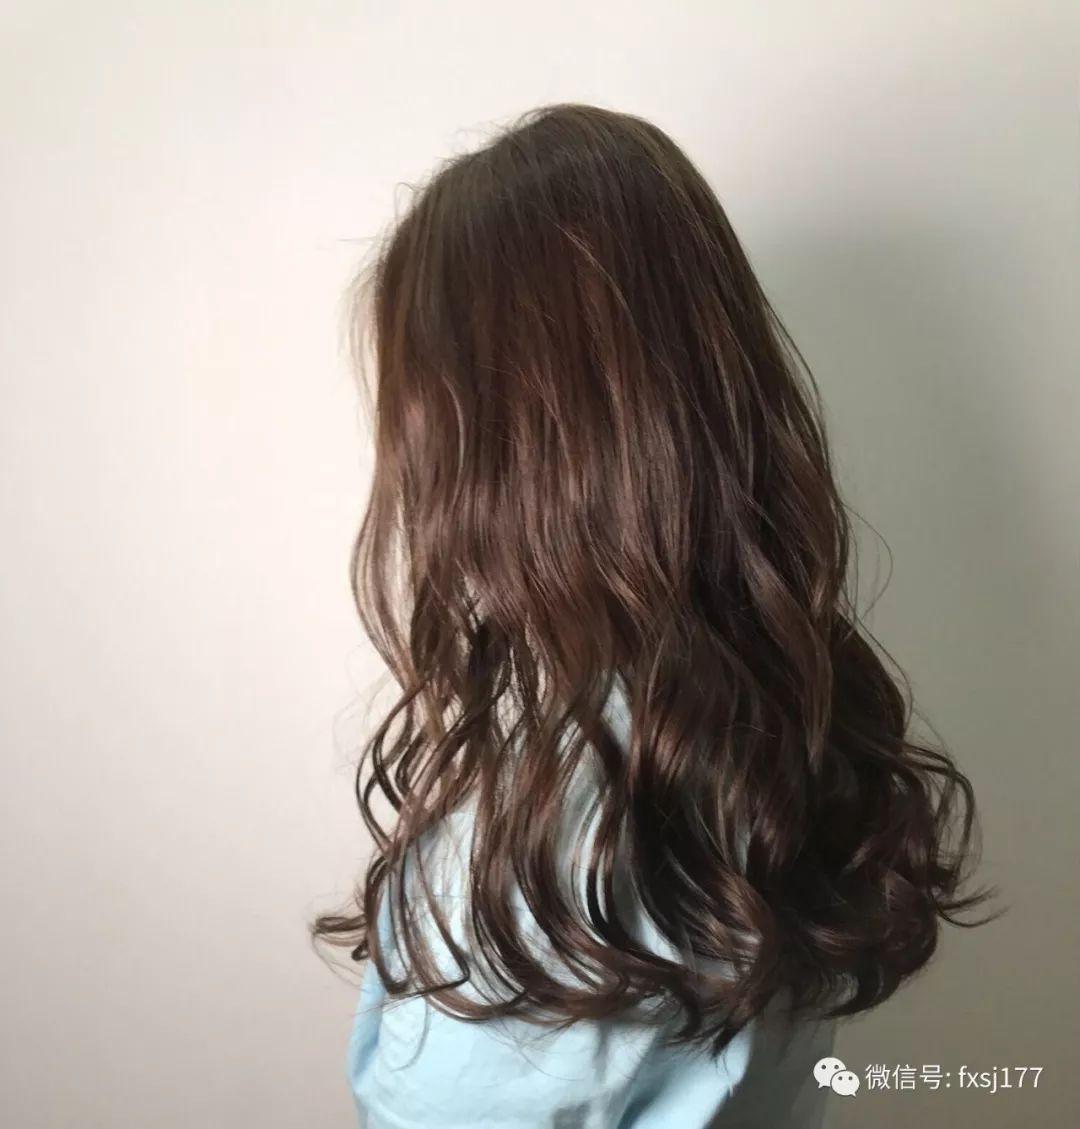 当然配上2018最美的精致烫发发型,那就不同了,整个人都会相当青春靓丽图片